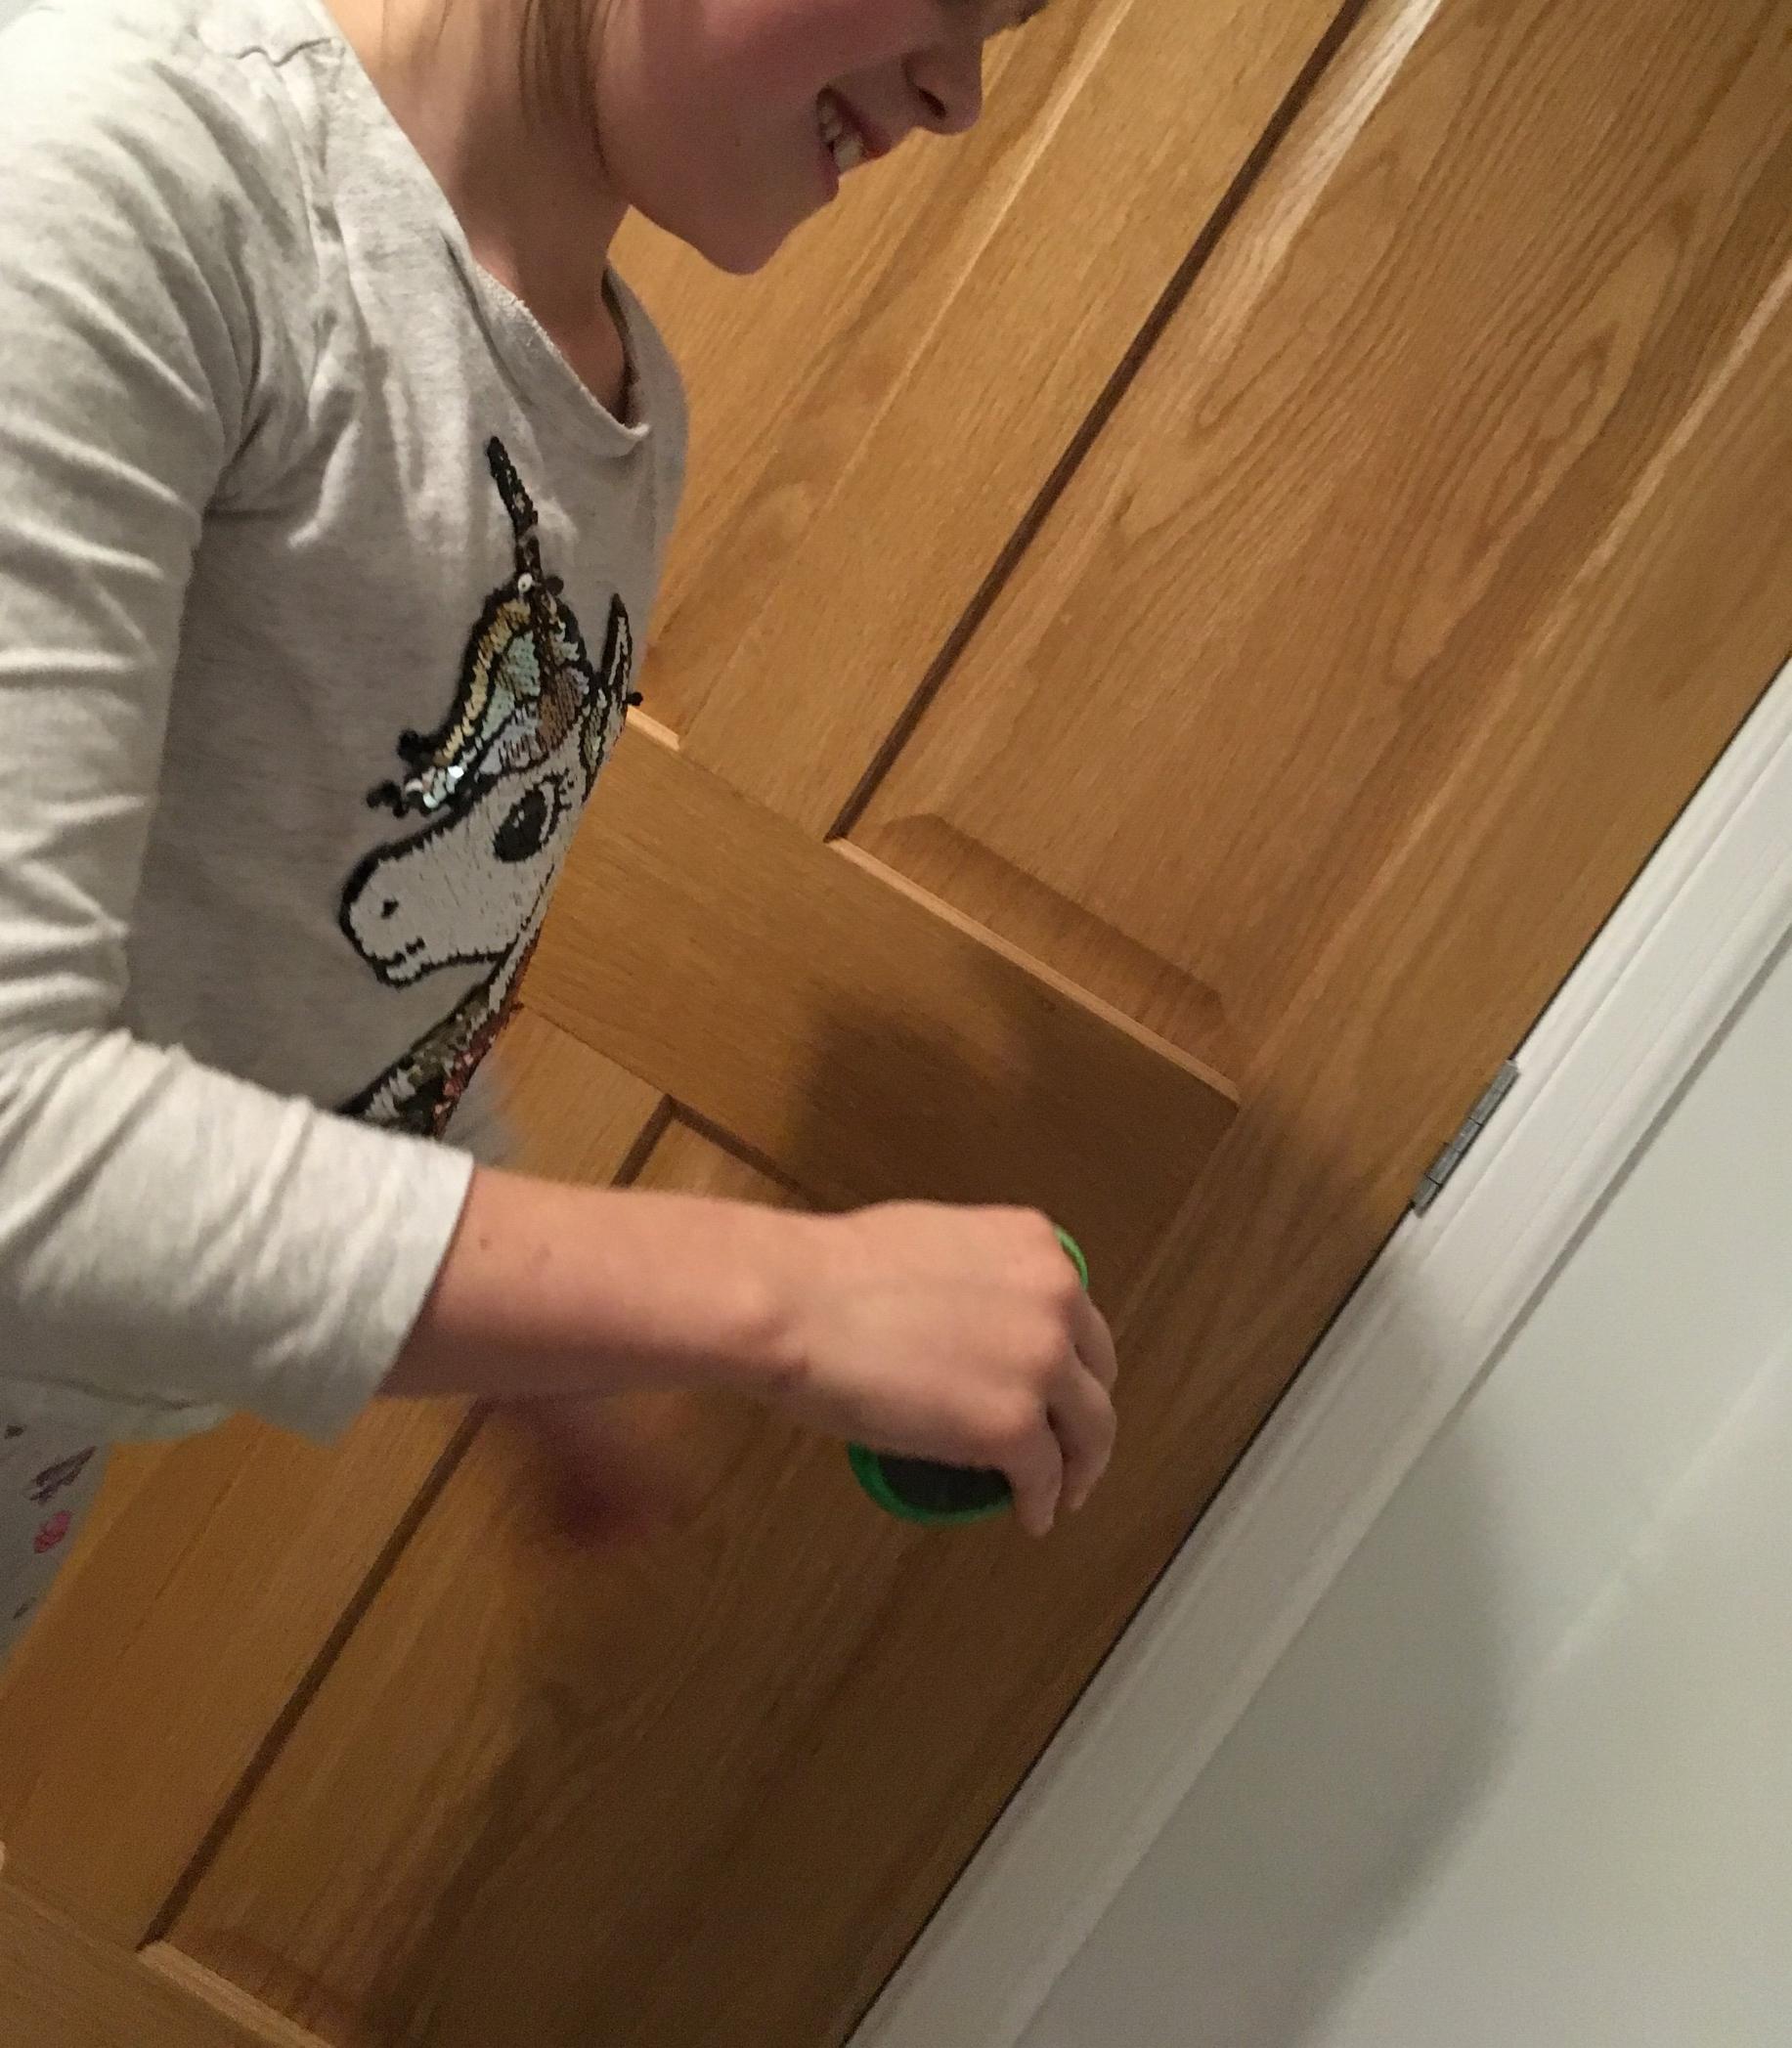 spinning a yo-yo